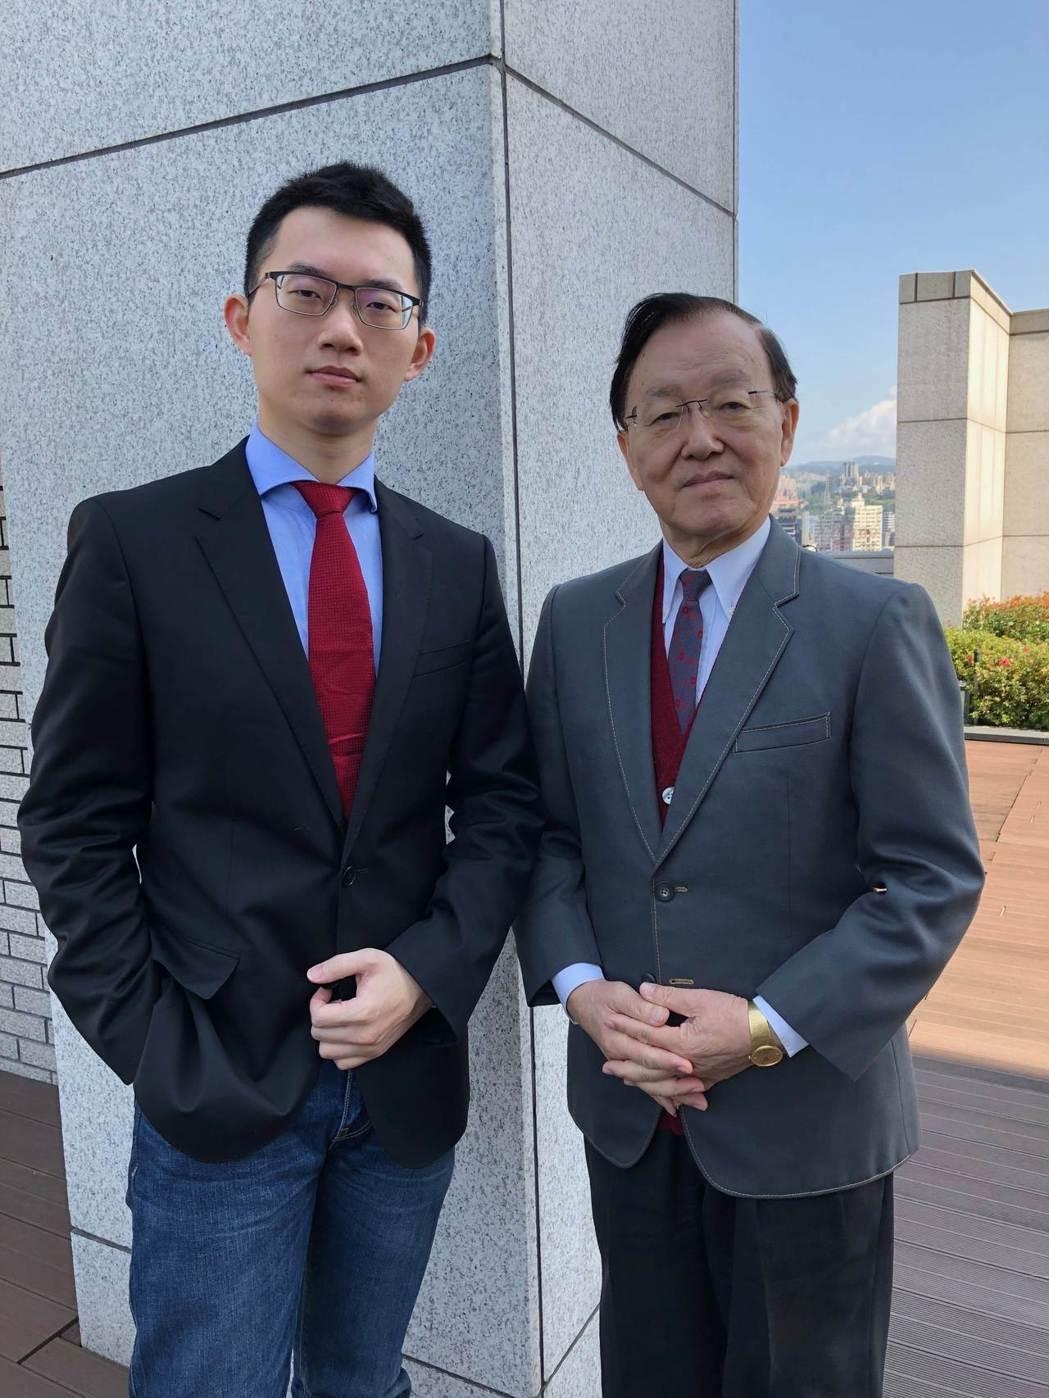 台灣兩代主播盛竹如(右)與視網膜,聯手登上主播台幫忙打片。圖/華映提供